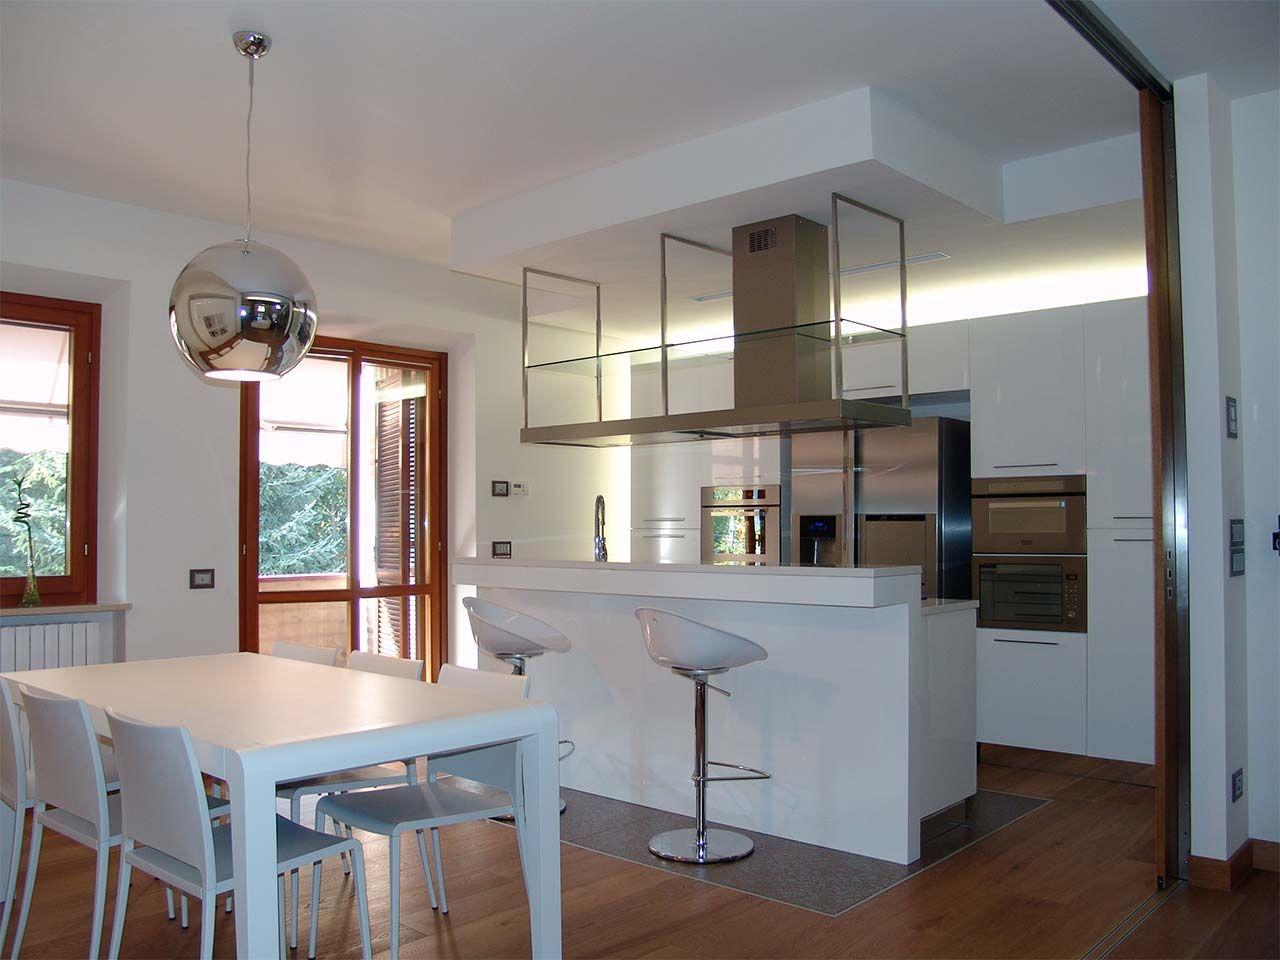 cucine moderne con isola  Cerca con Google  HOLIDAY HOME  Pinterest  Cucina